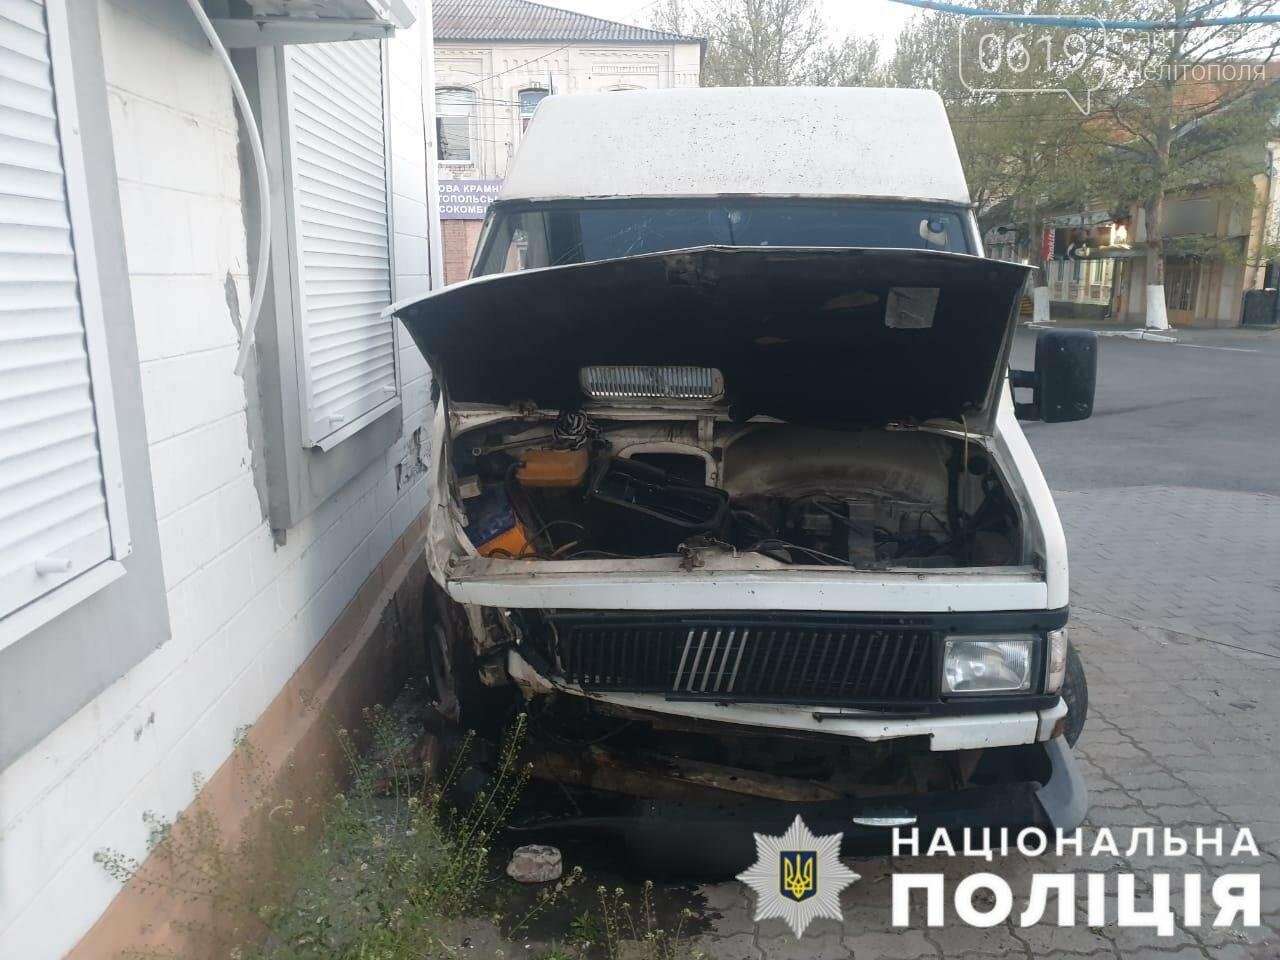 В День Победы в Мелитополе произошло два ДТП с пострадавшими: полиция ищет очевидцев, фото-2